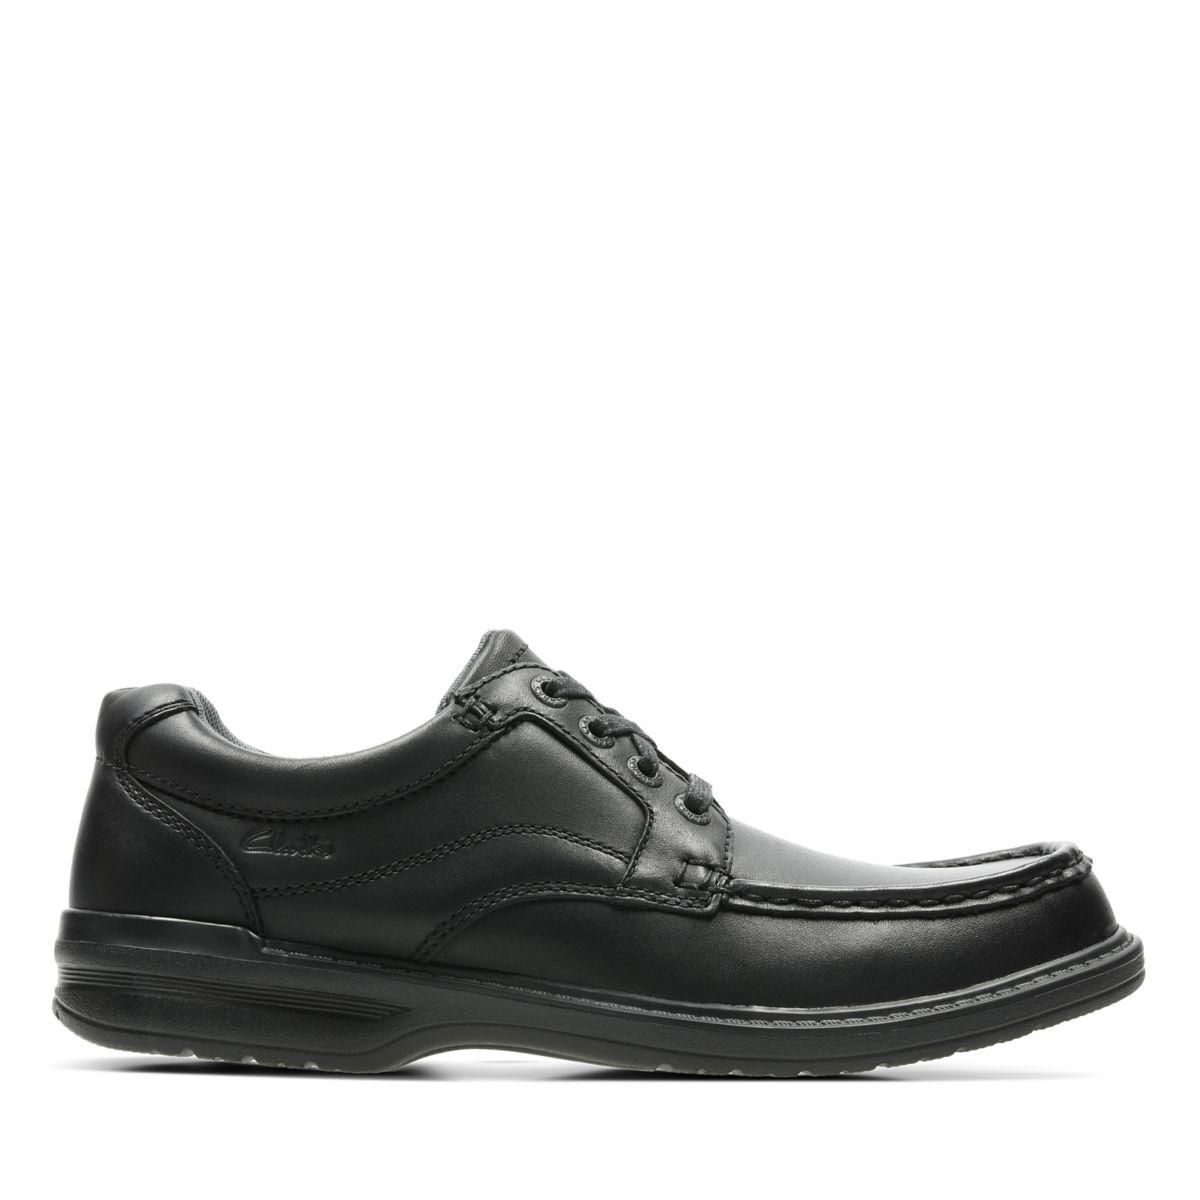 Keeler Walk Black Leather Clarks